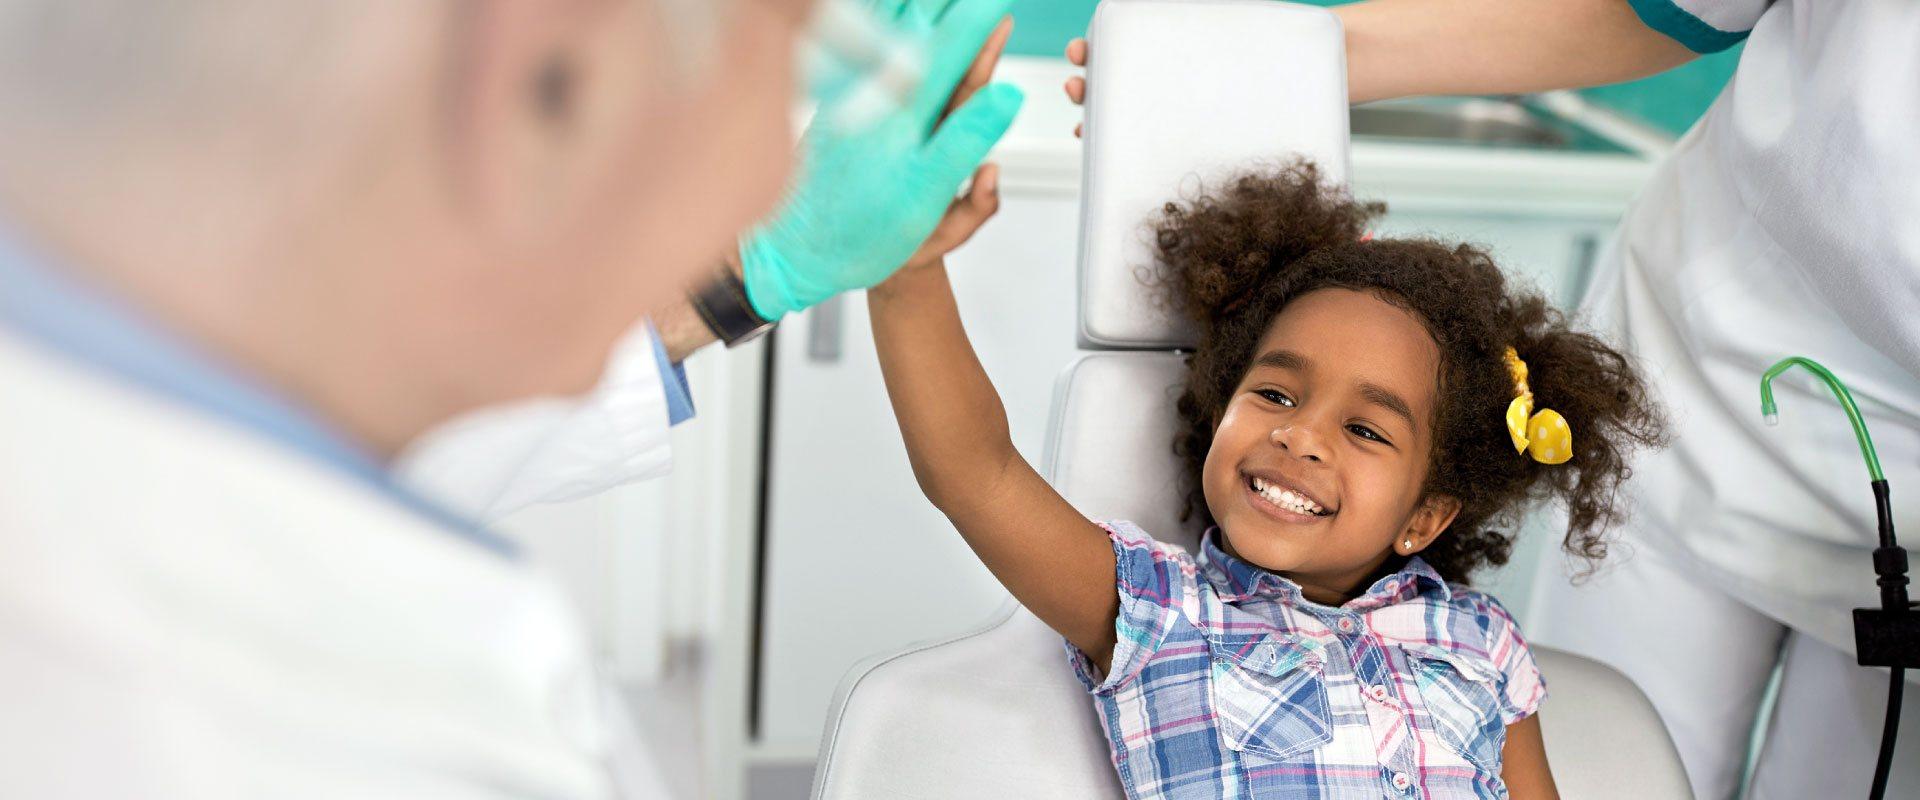 Urbach Pediatric Dentistry